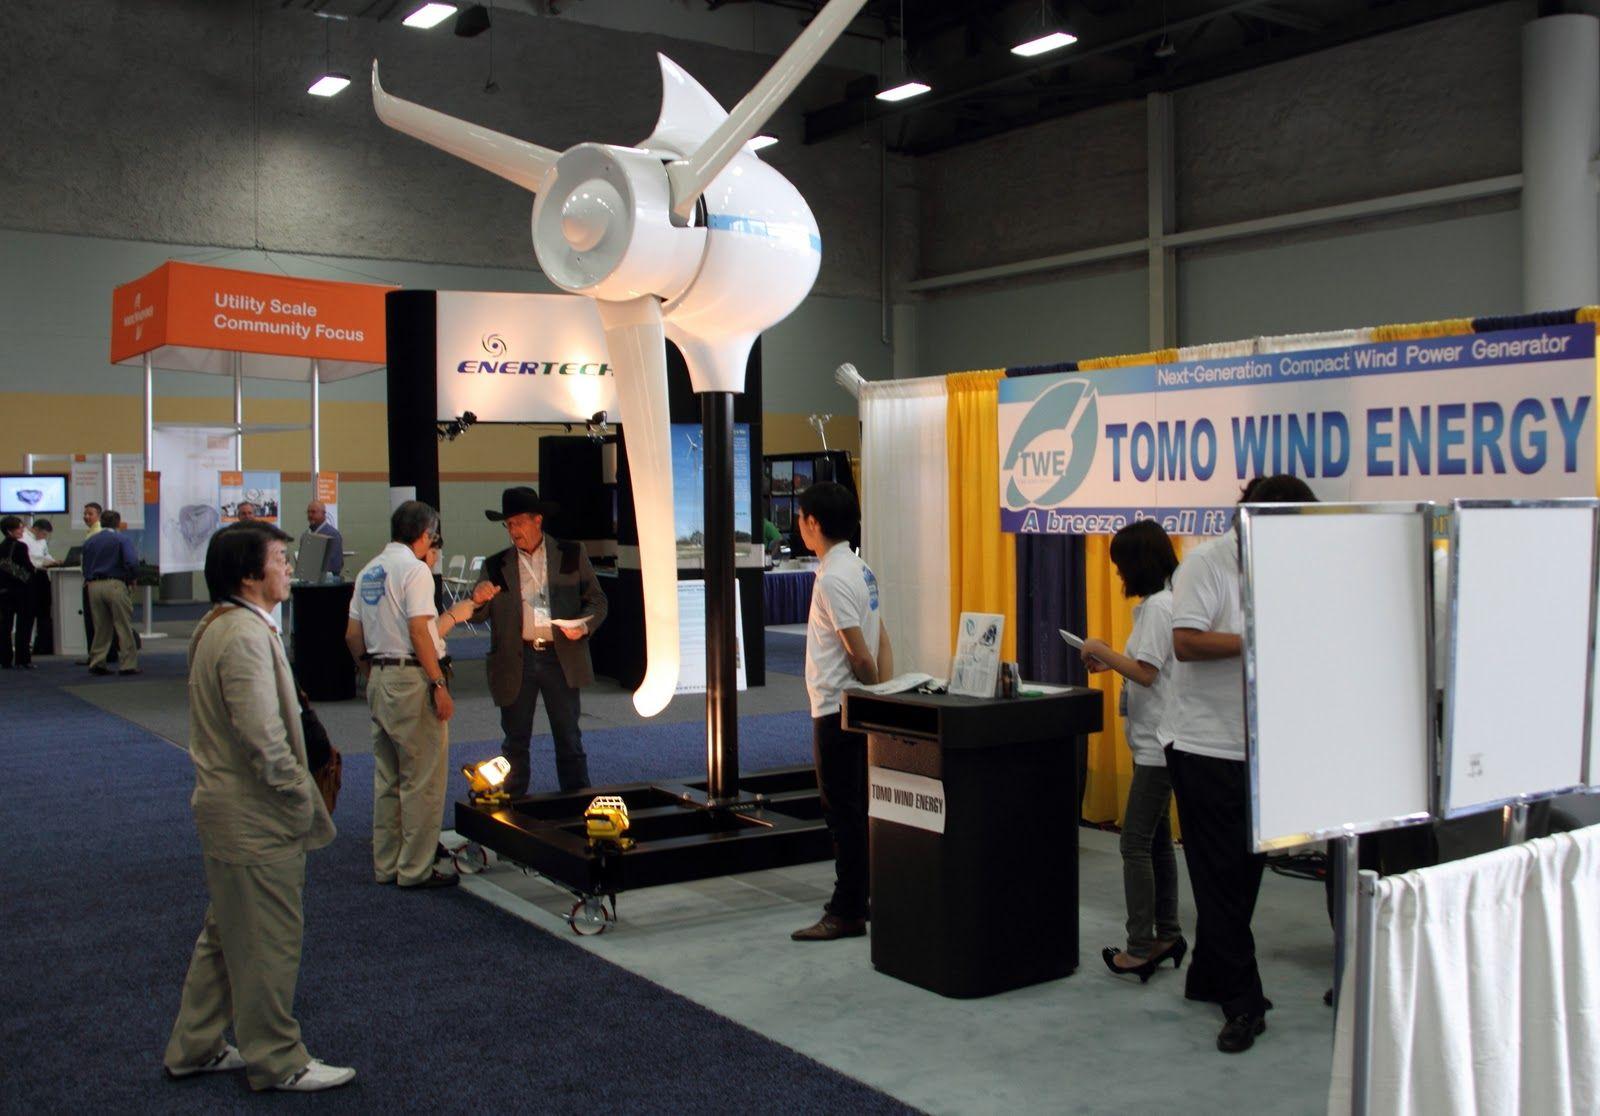 AWEA Windpower Expo 2019